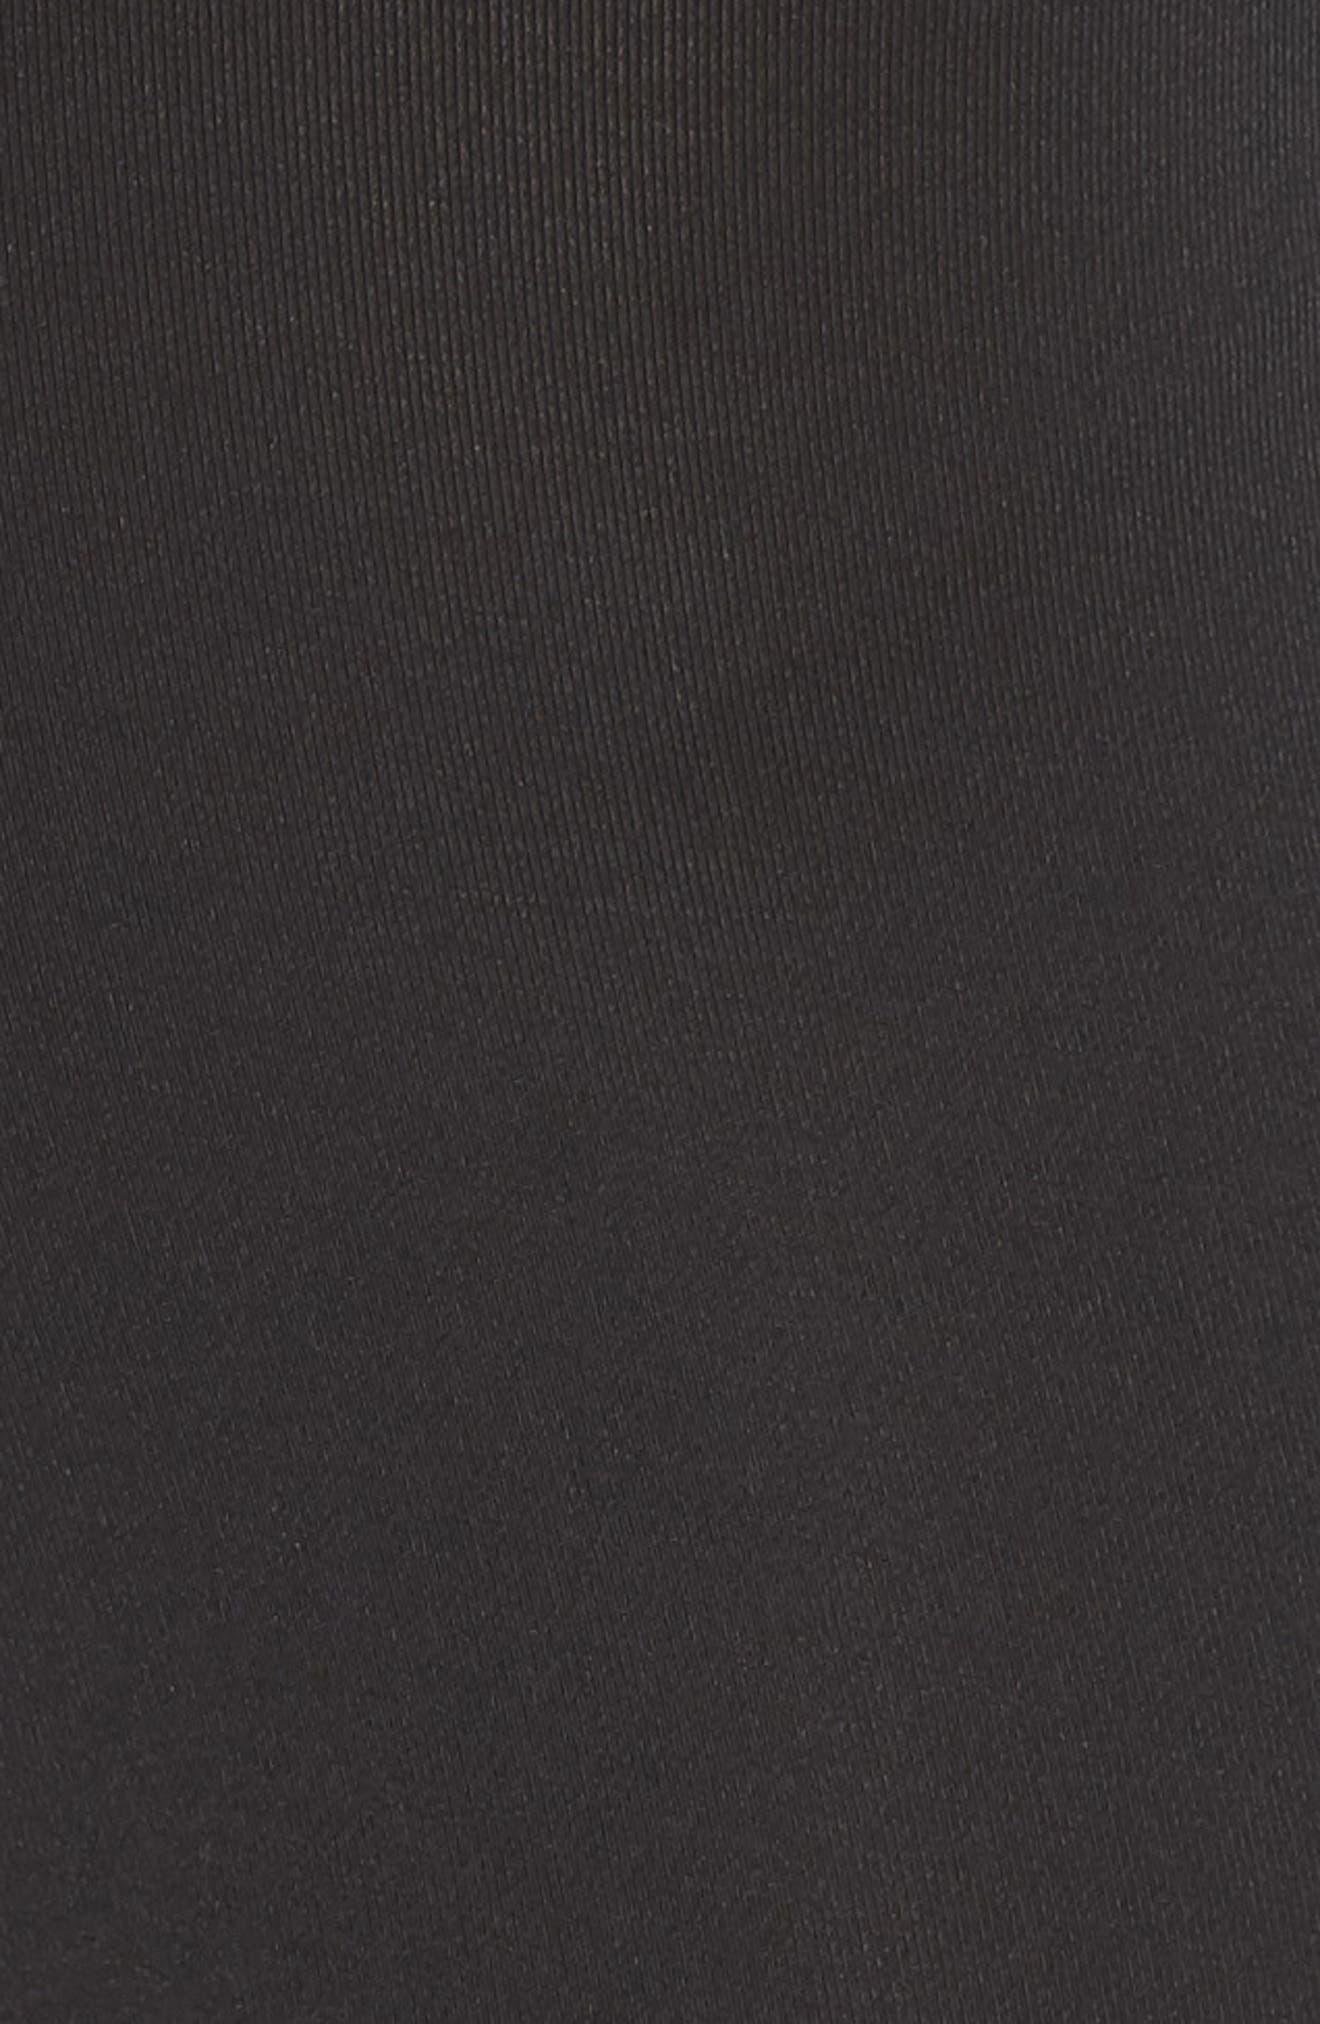 Pro Short Shorts,                             Alternate thumbnail 6, color,                             BLACK/ WHITE